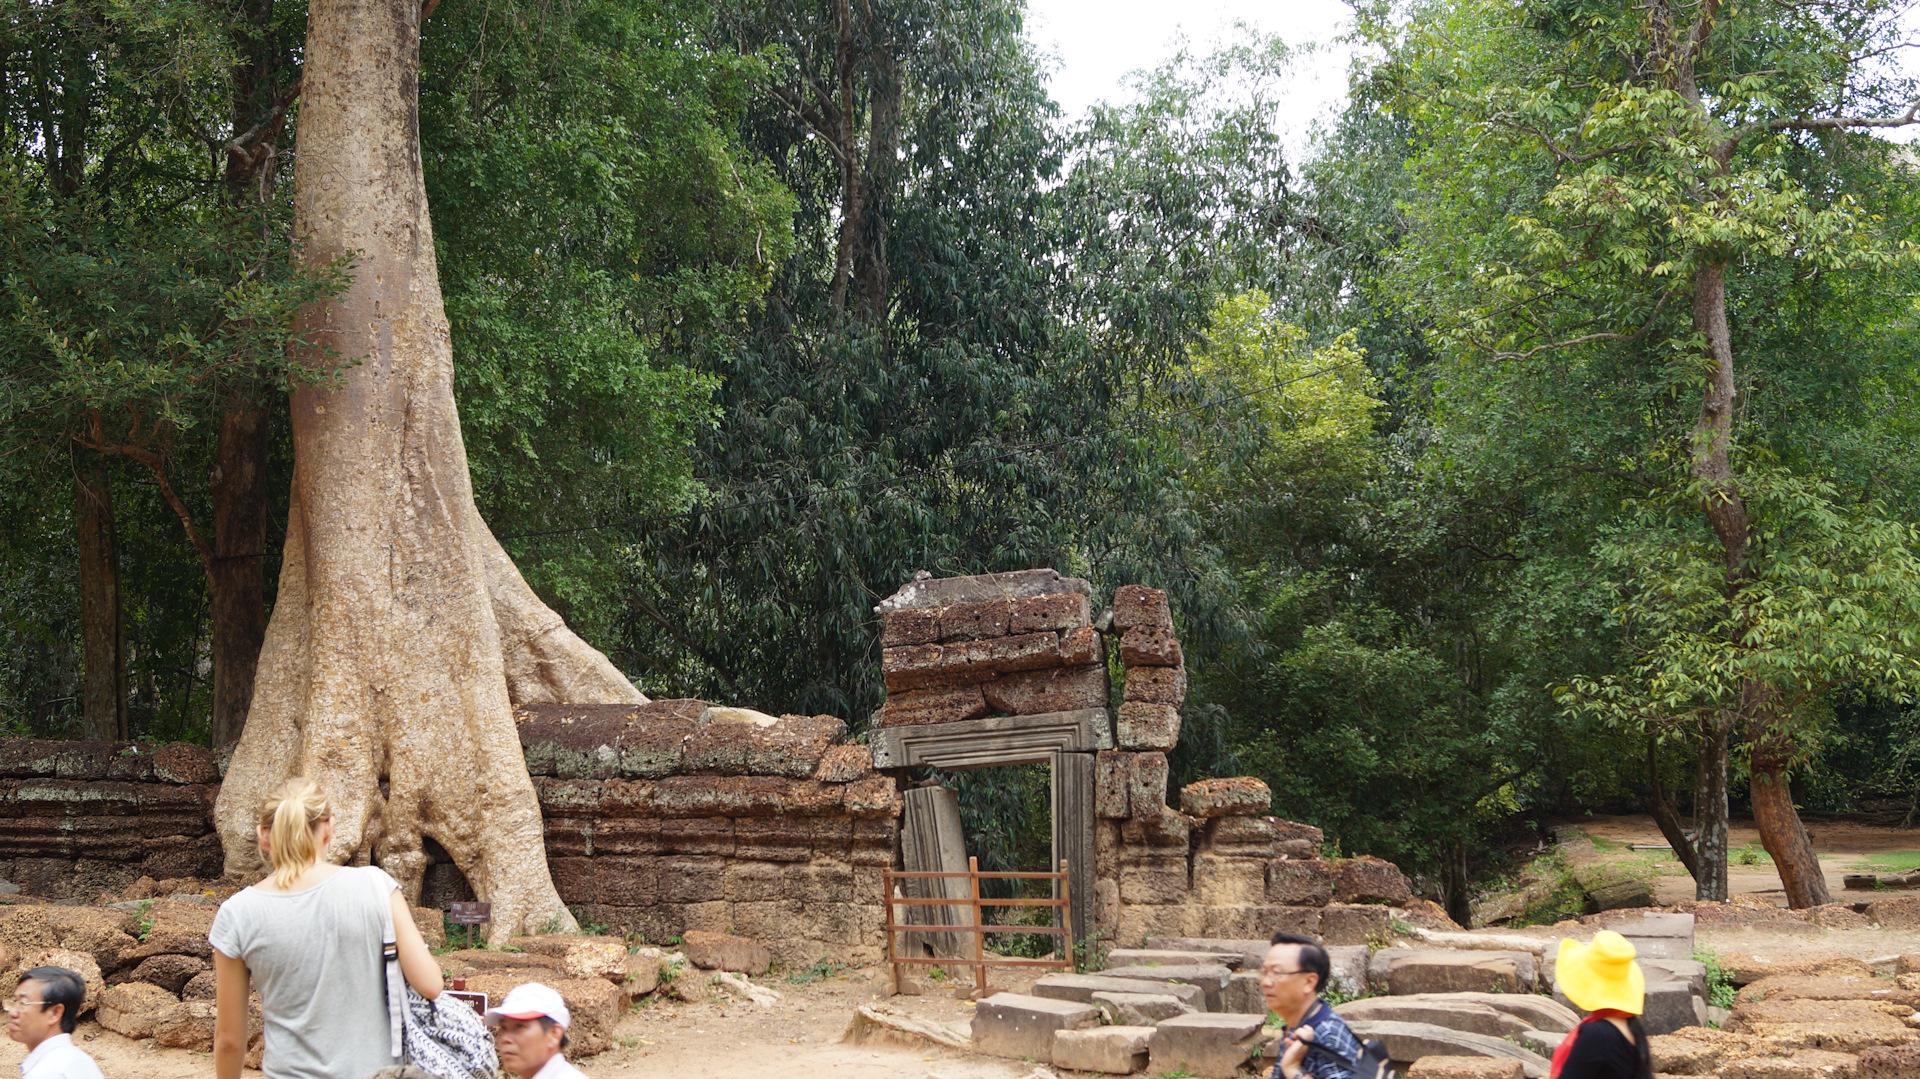 прошкину блог фотографа путешественника о камбодже создания